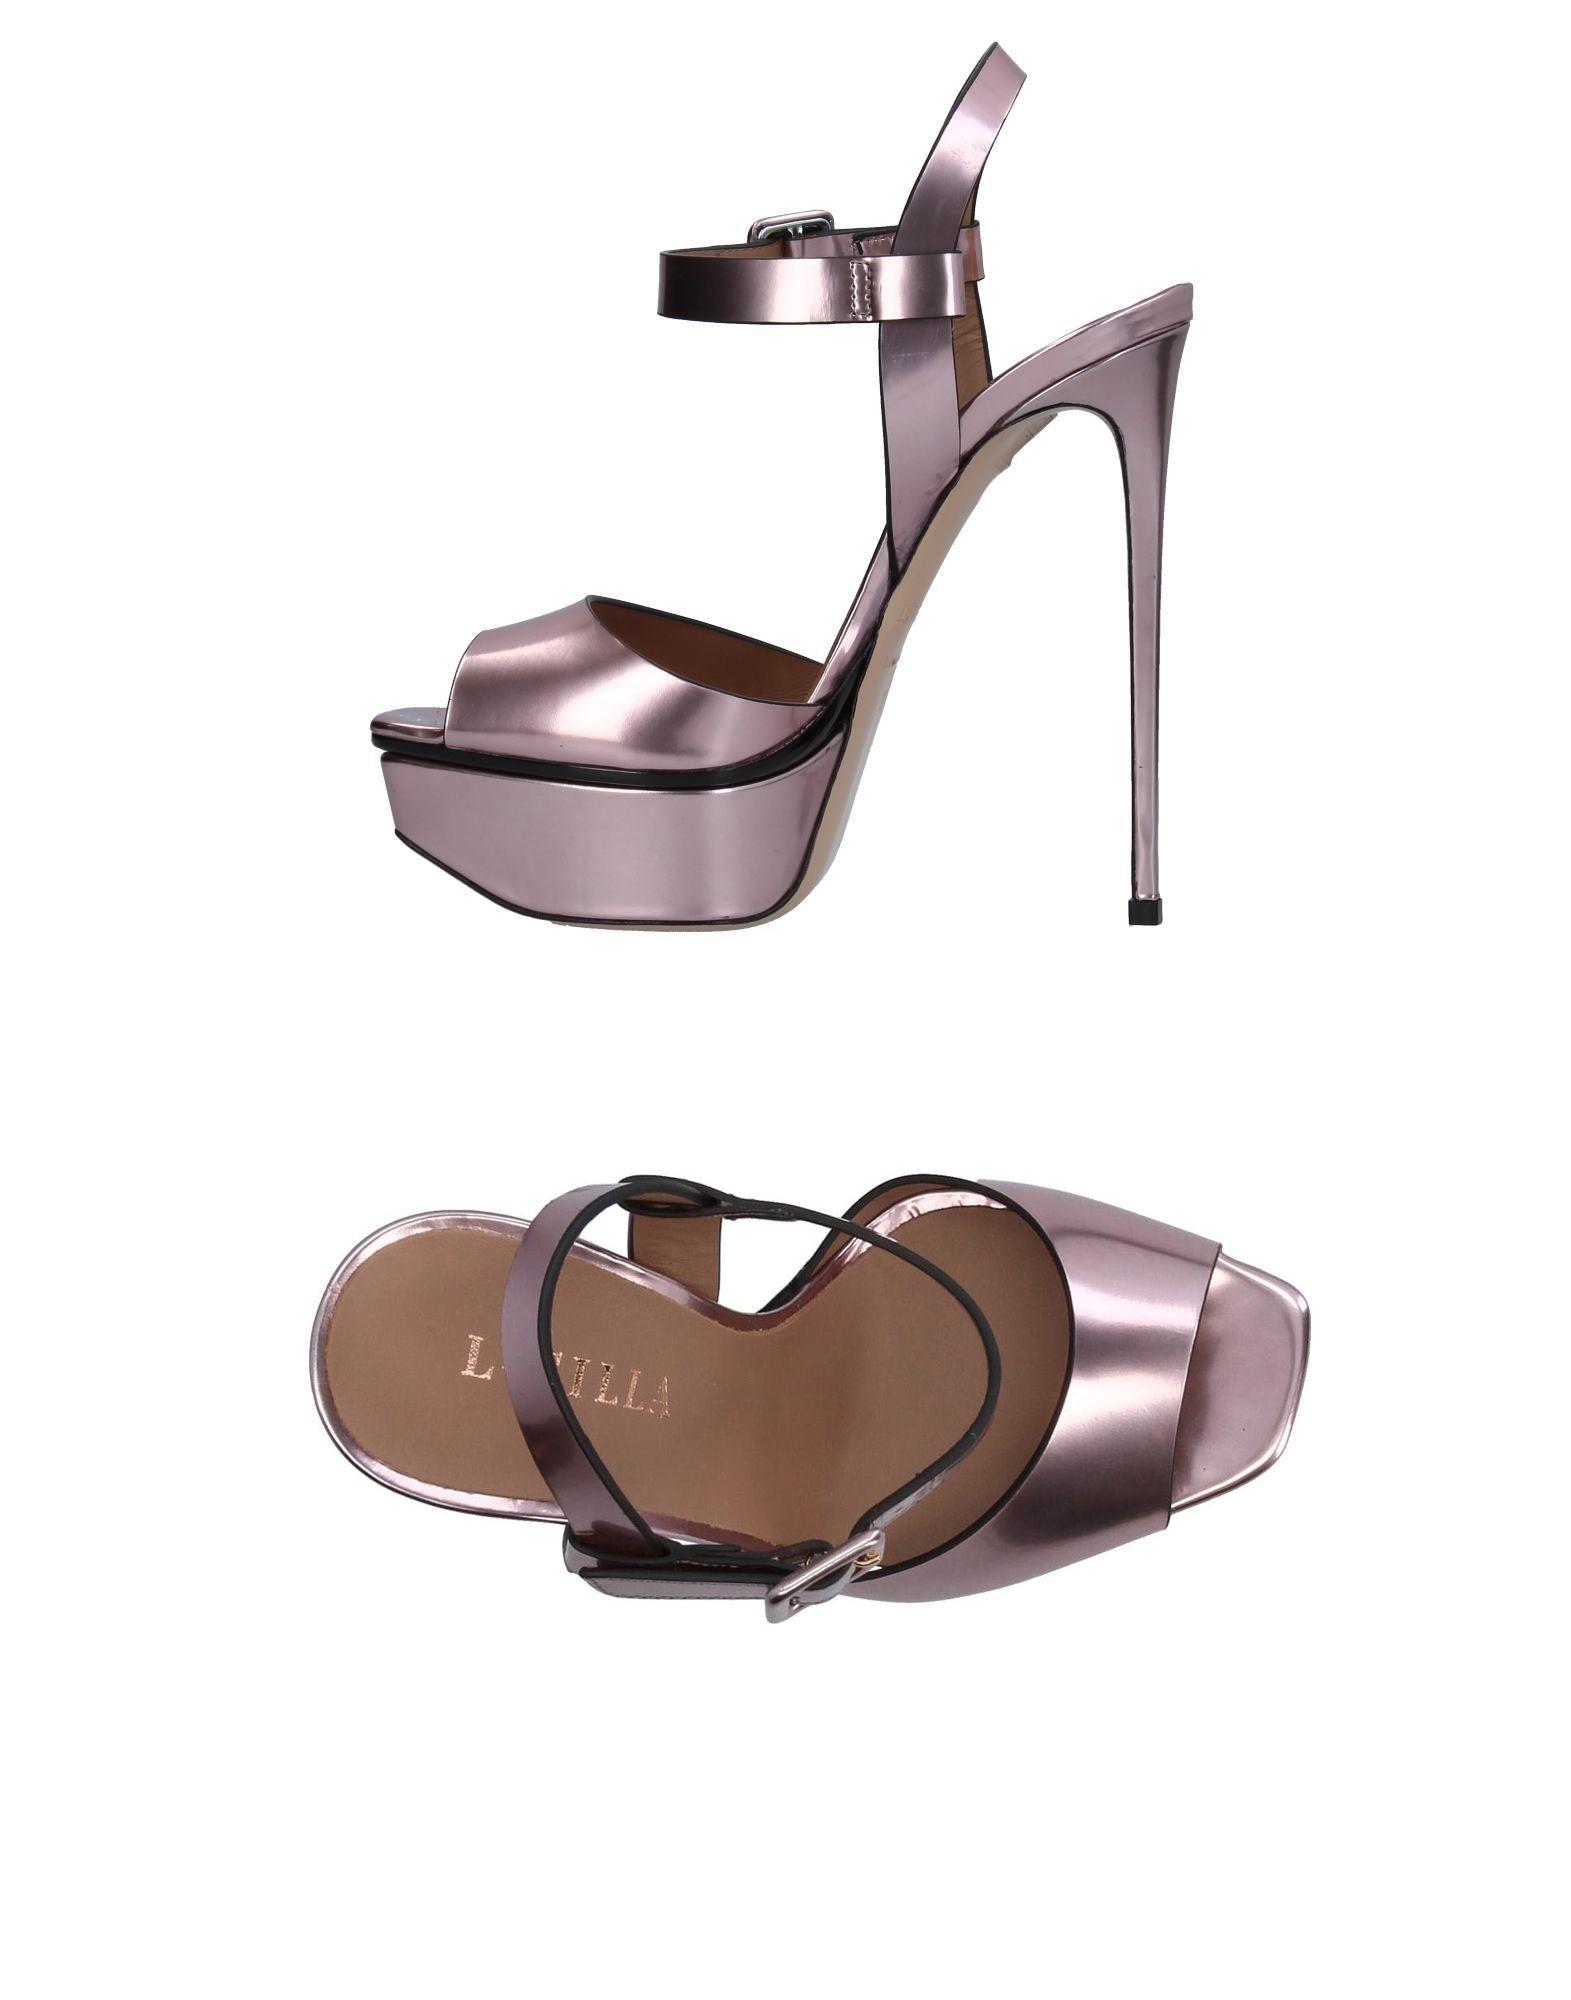 Rabatt Damen Schuhe Le Silla Sandalen Damen Rabatt  11396646EU 37454c